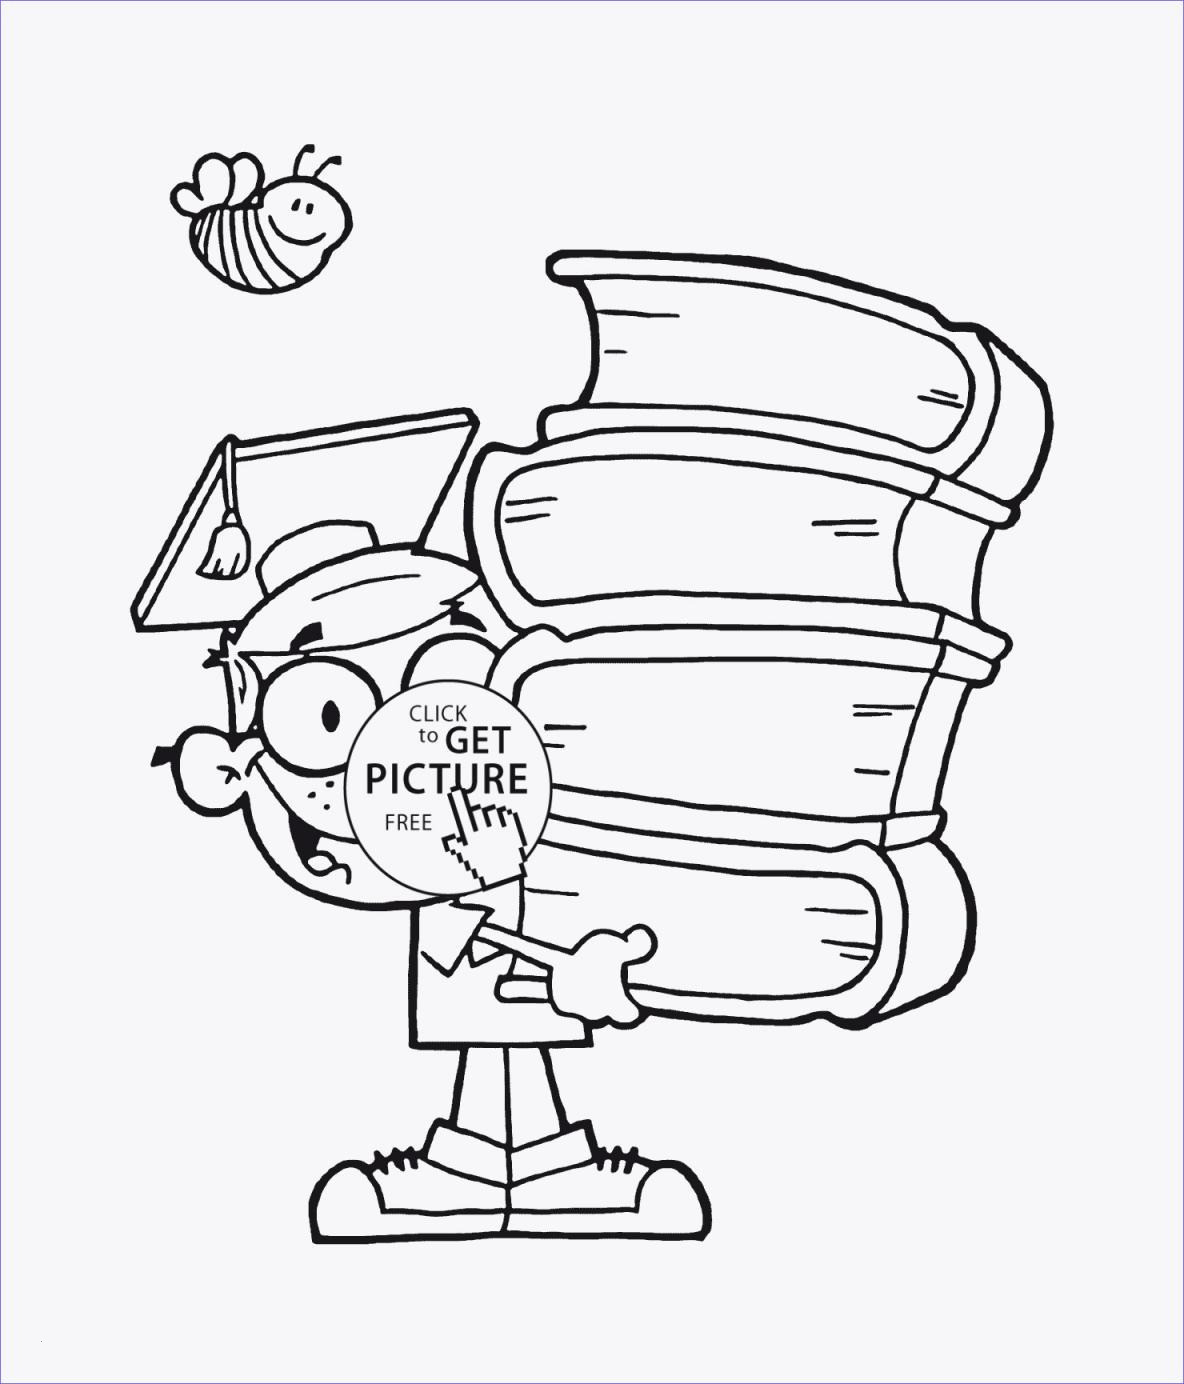 Ausmalbilder Bibi Und Tina 3 Zum Ausdrucken Frisch Malvorlage Bibi Und Tina Genial Malvorlagen Igel Frisch Igel Sammlung